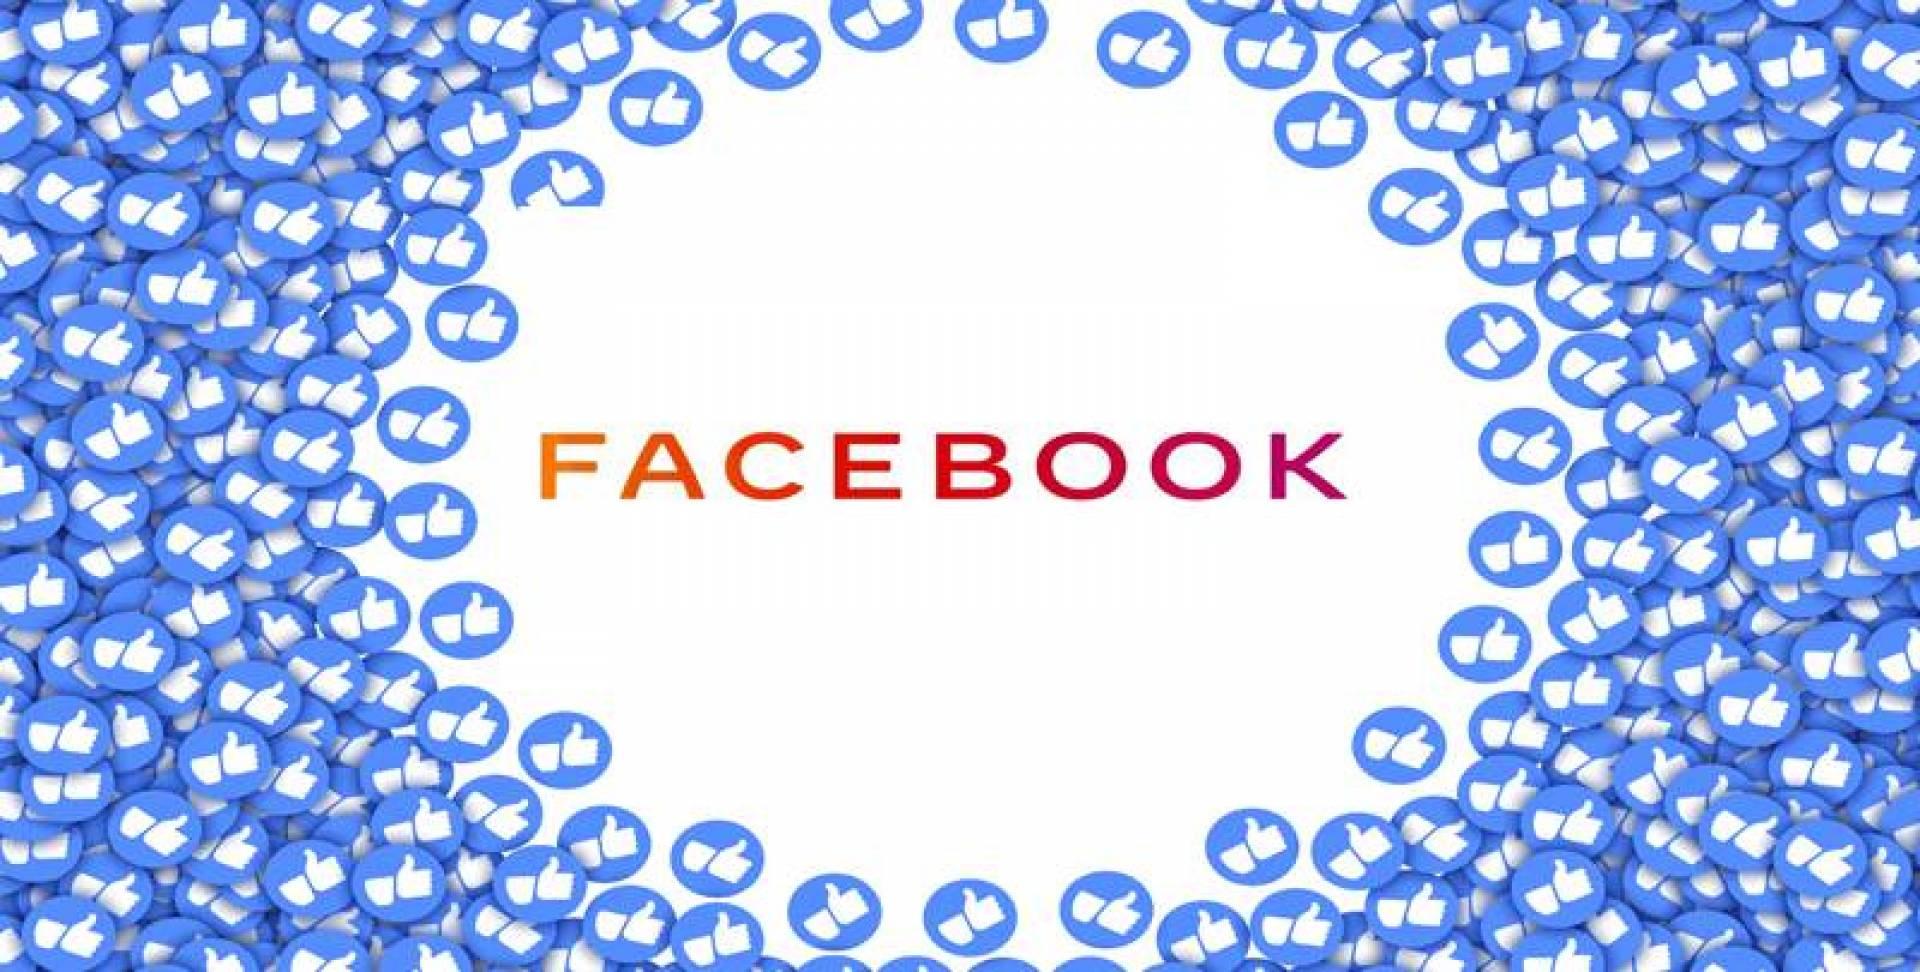 فيسبوك تطلق شعاراً جديداً لتمييز الشركة عن تطبيقها للتواصل الاجتماعي